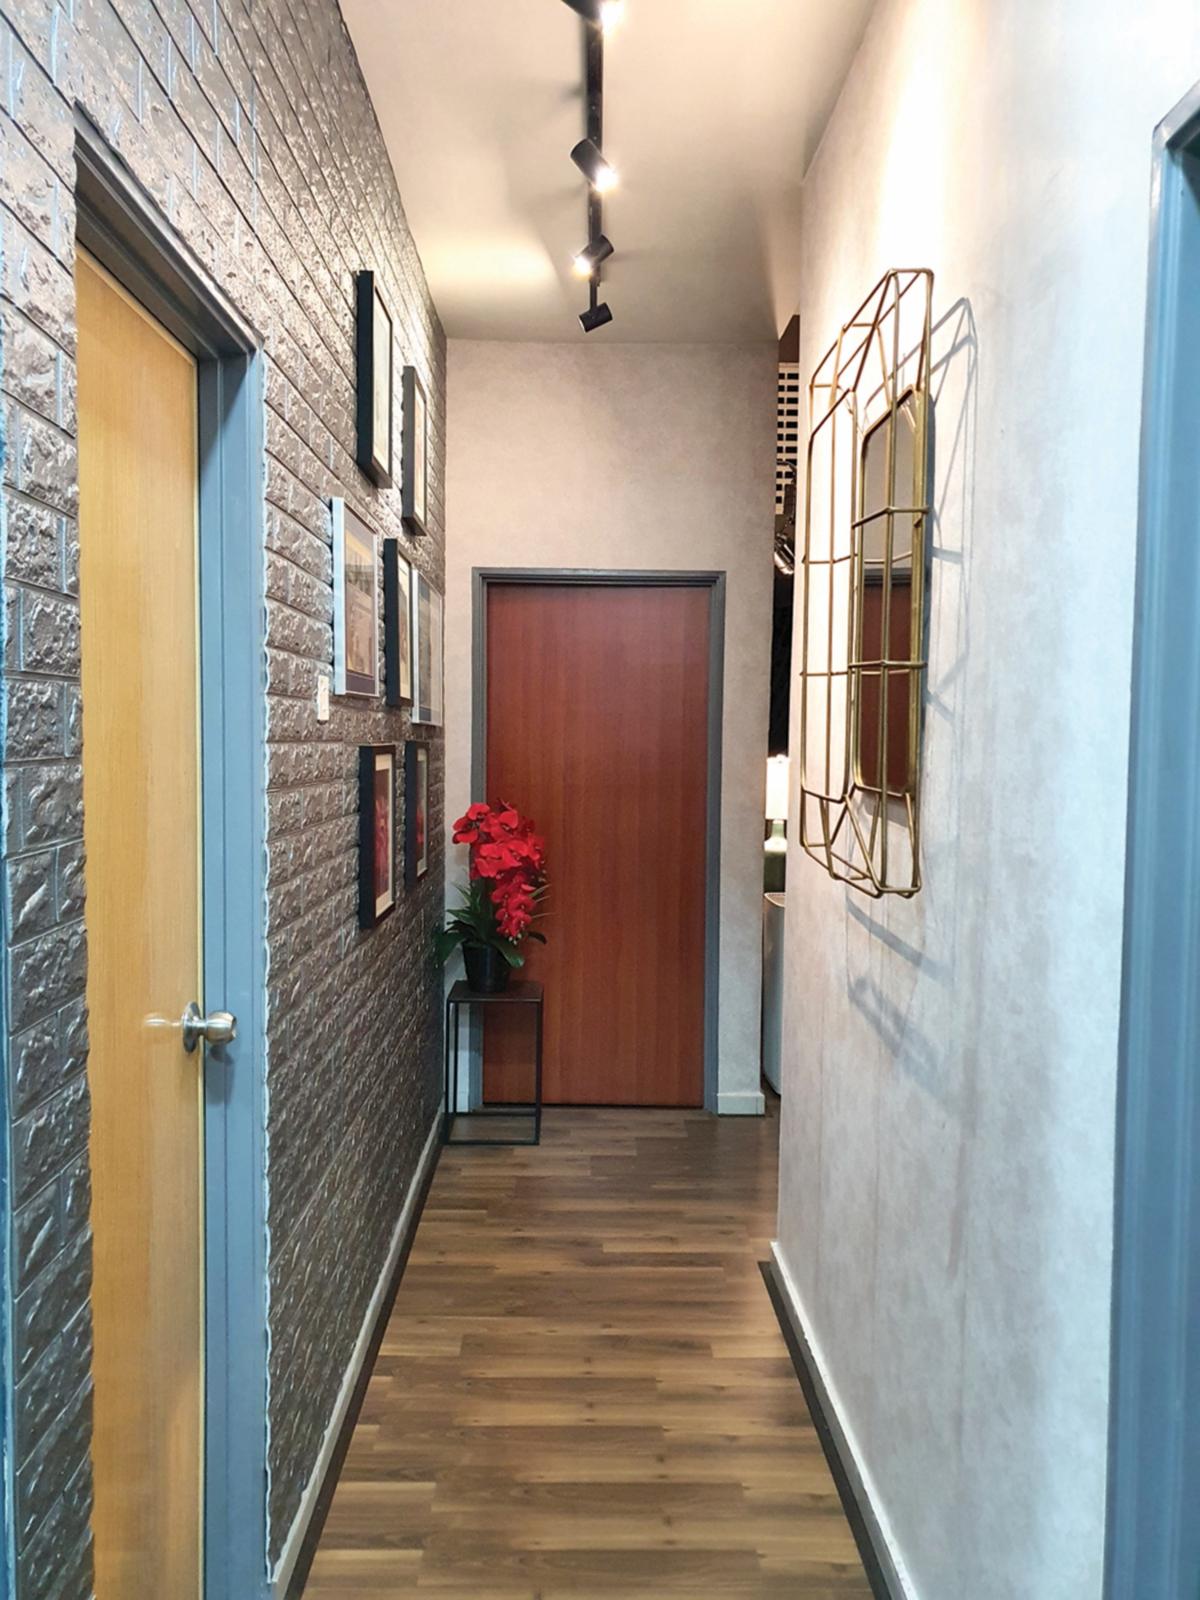 DINDING di laluan ke dapur dihias dengan kertas dinding dan gambar.